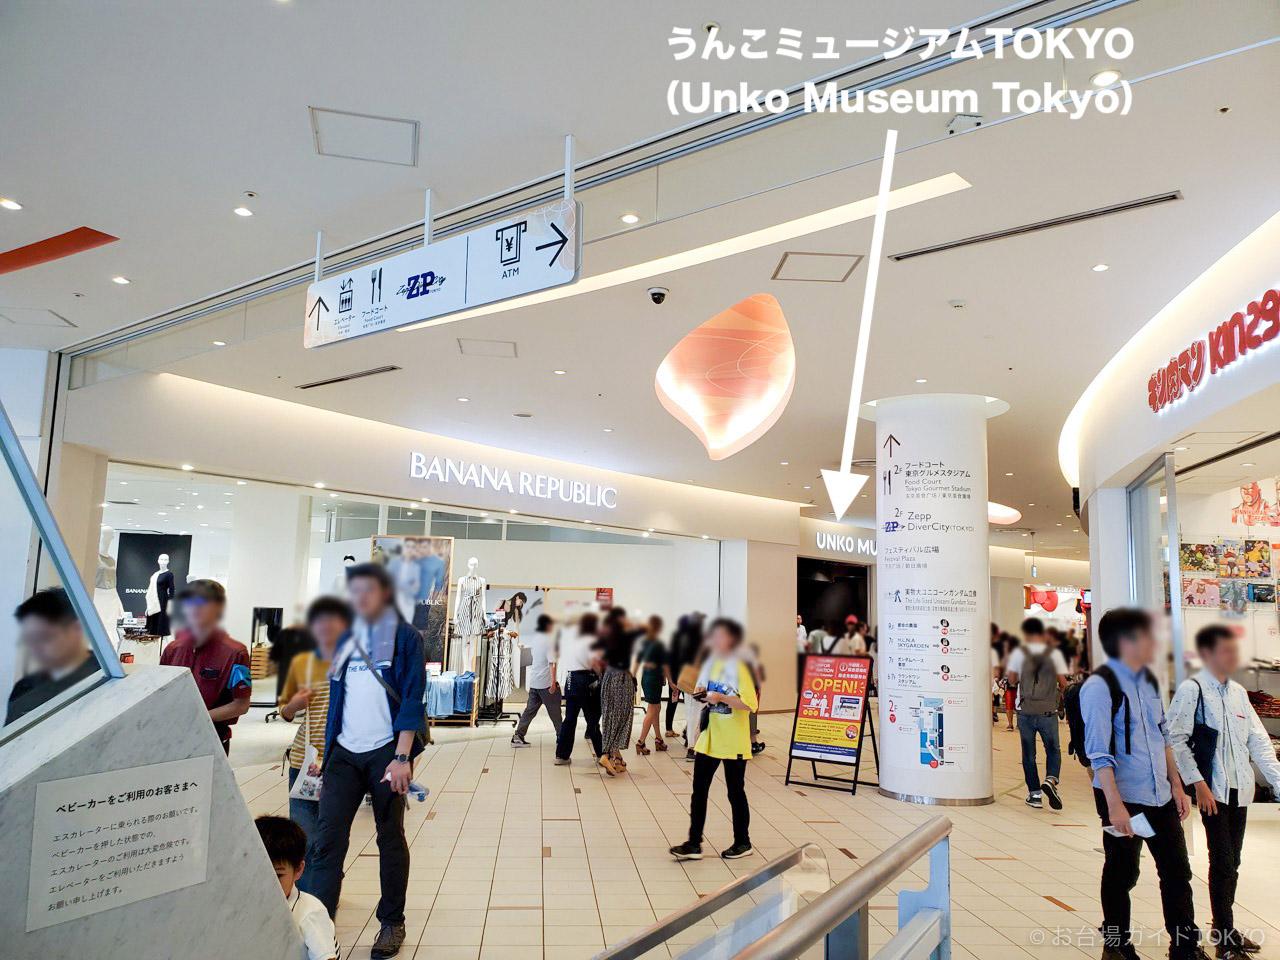 東京 うんこ いつまで ミュージアム